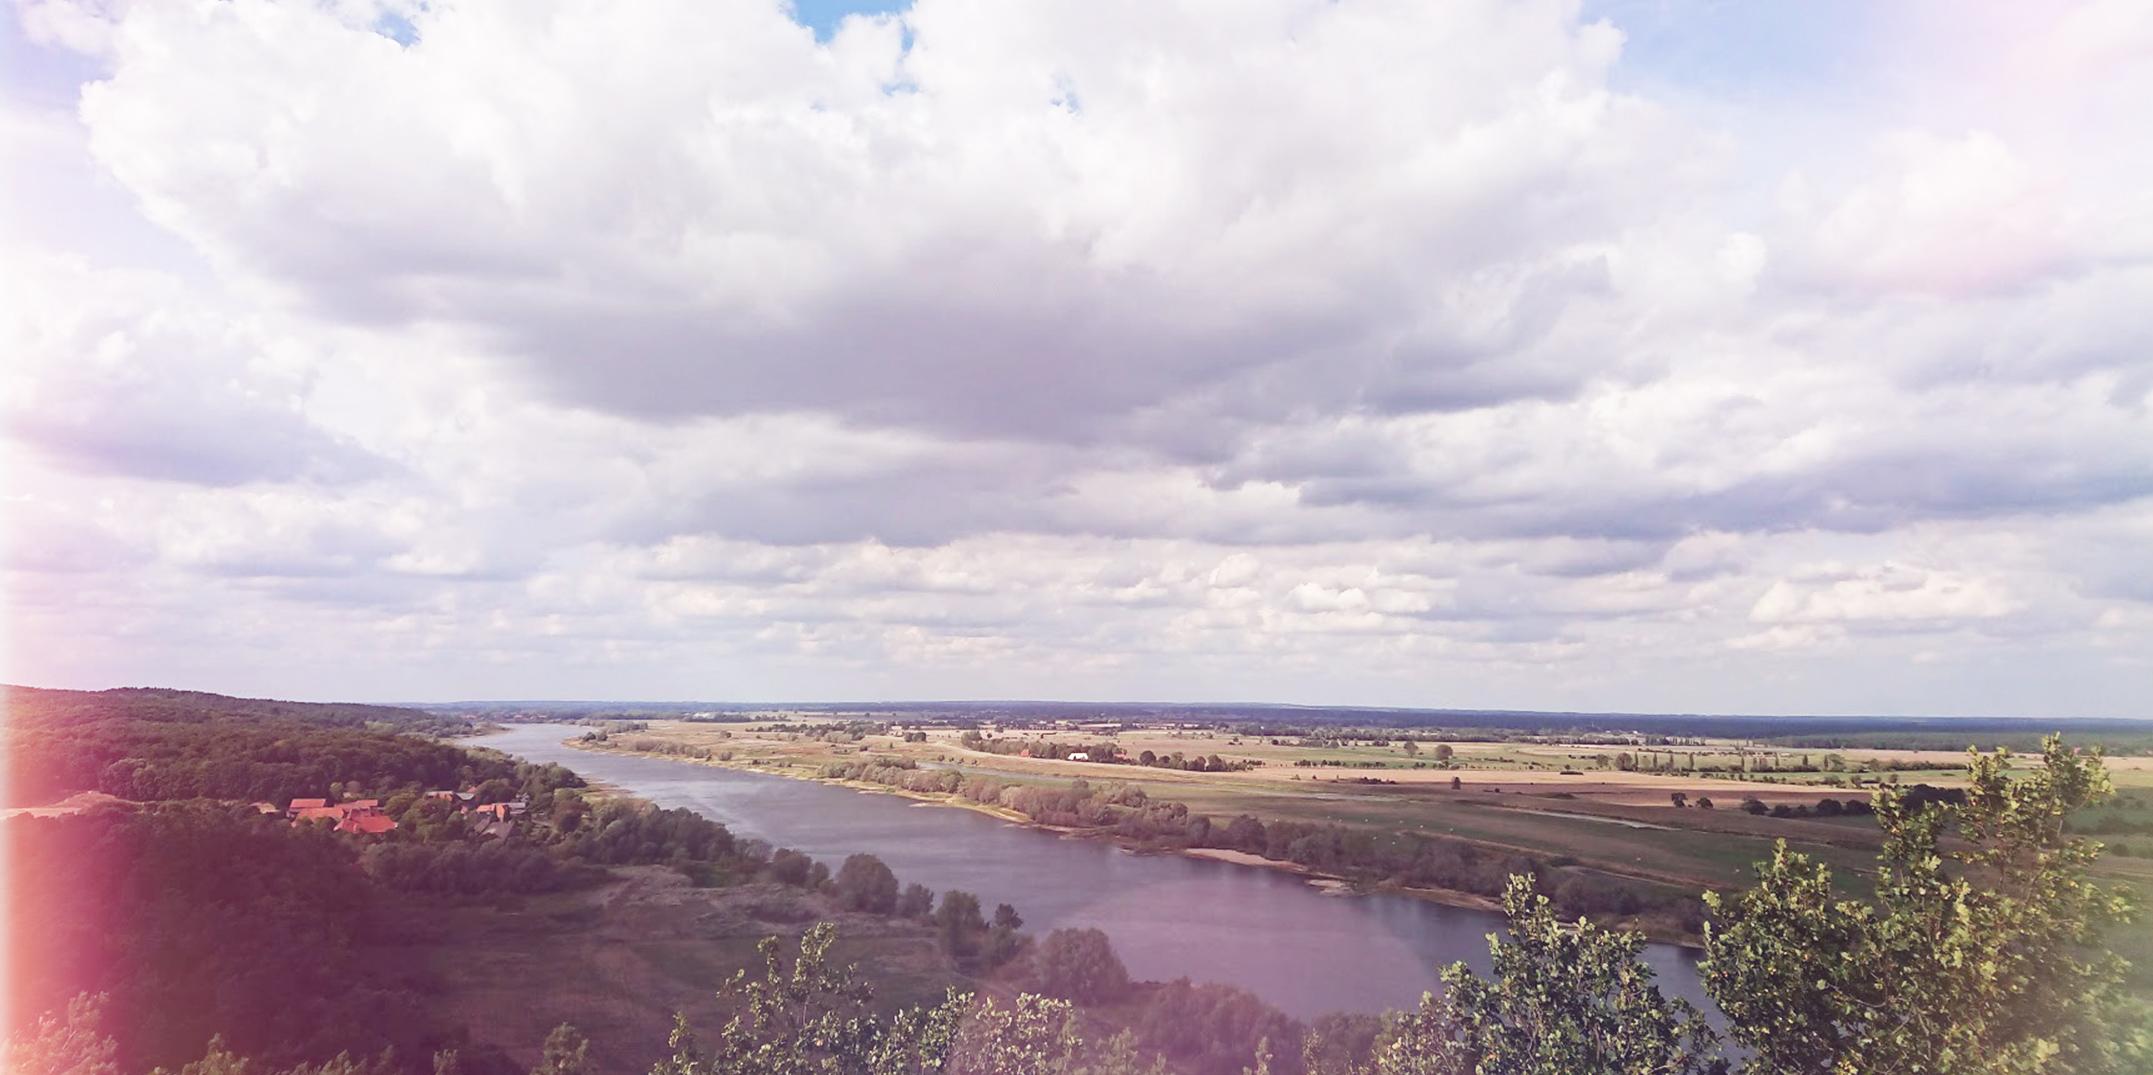 Ausblick vom Kniepenbergturm